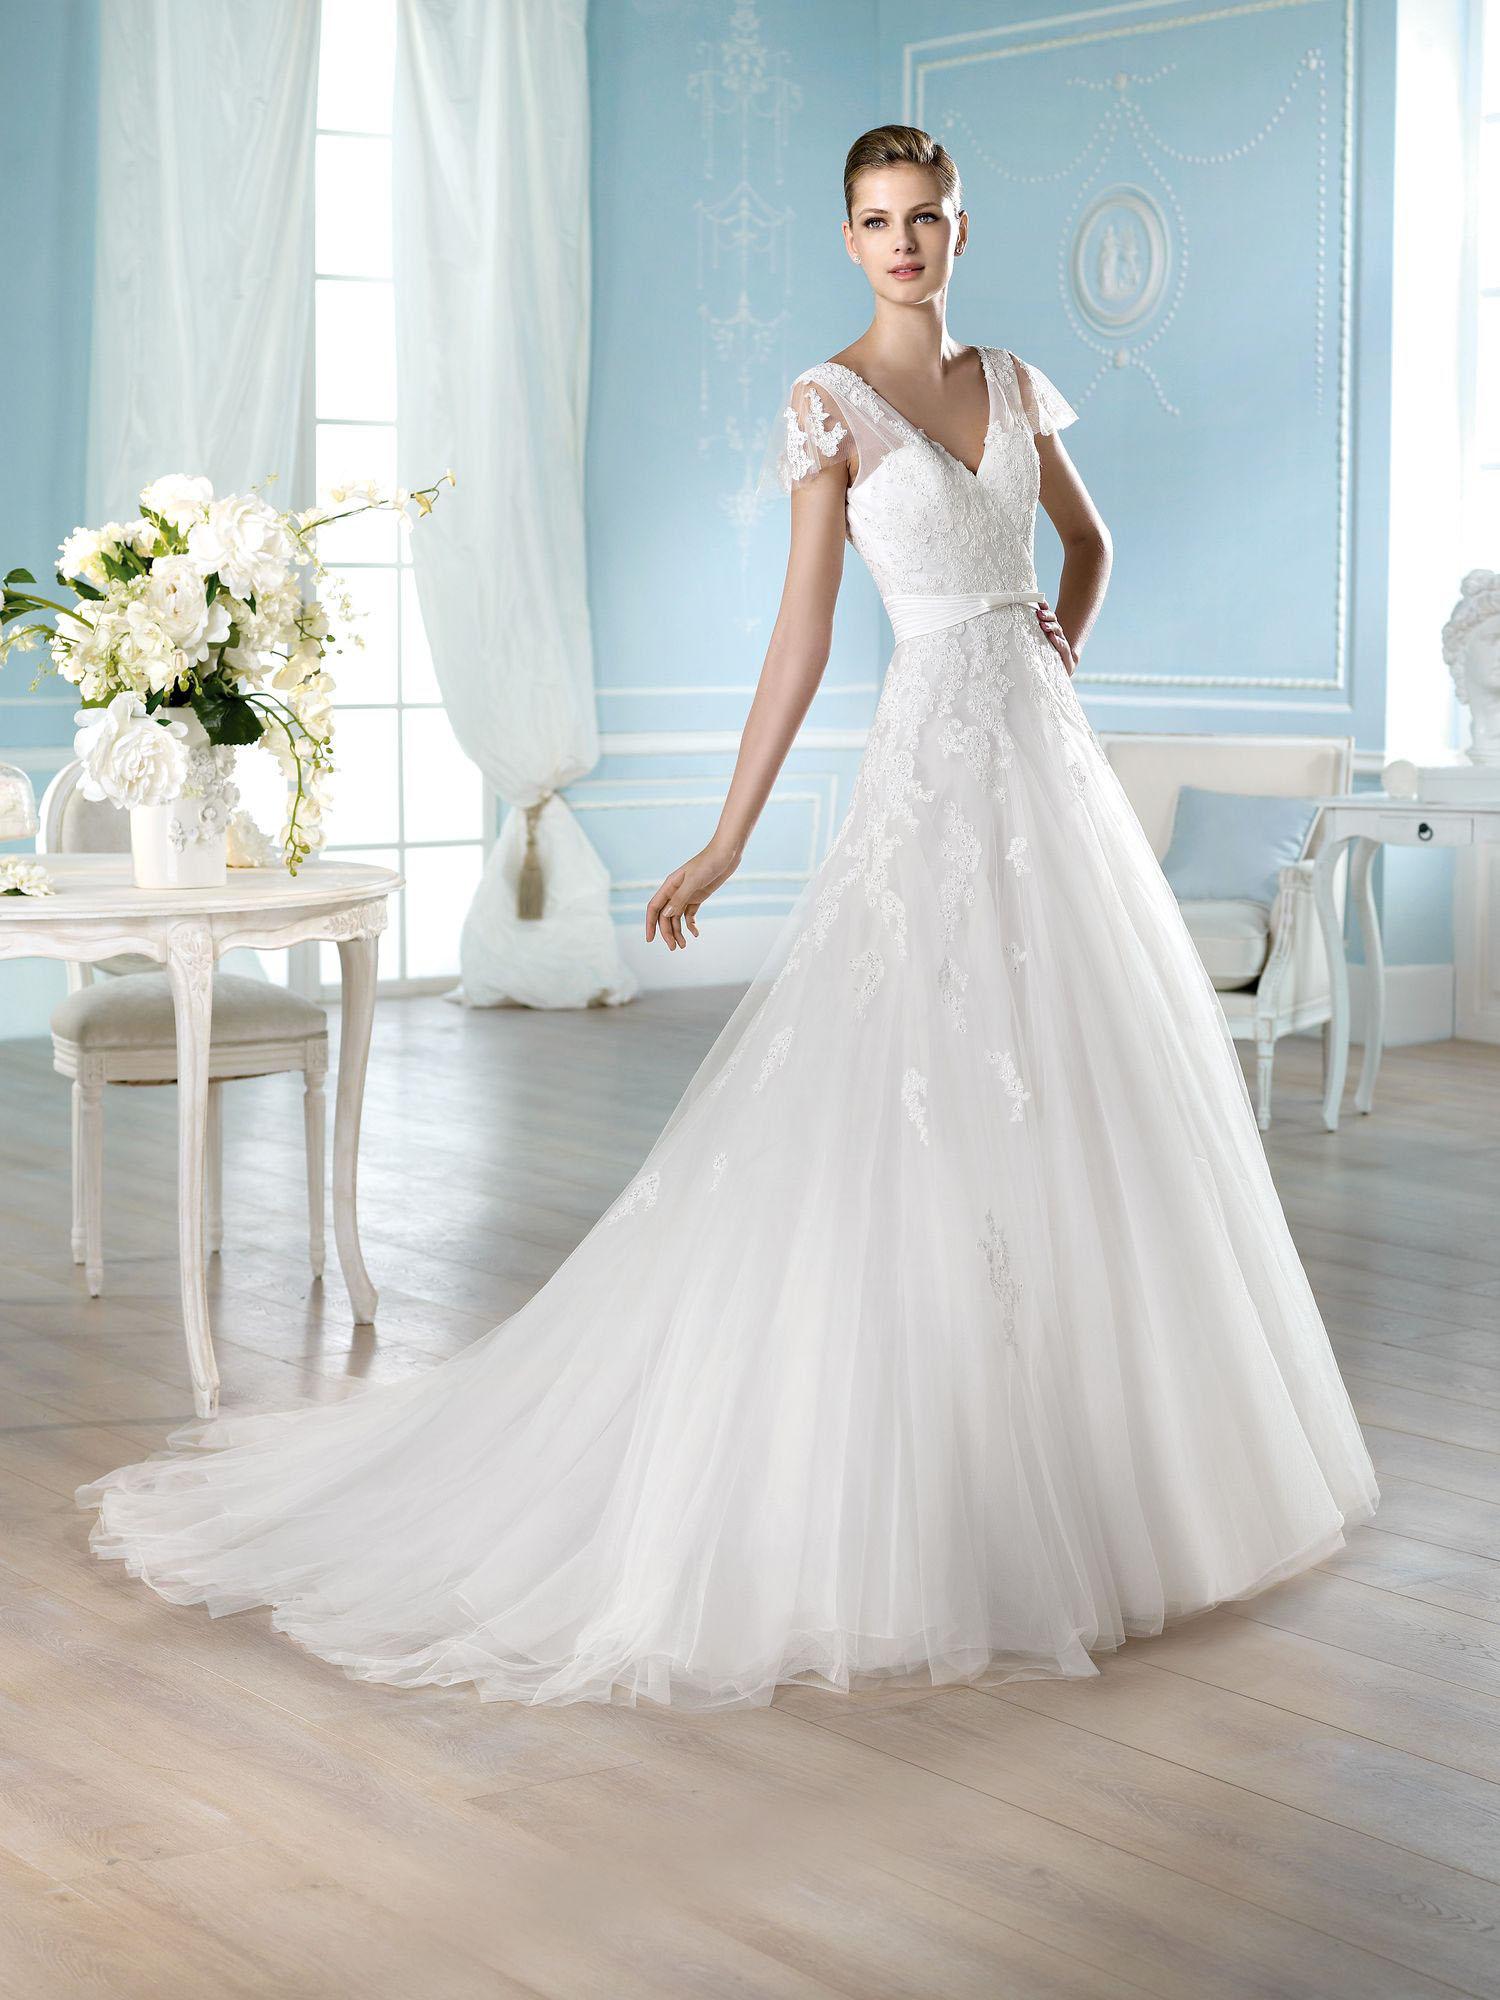 robe de mariee harare cr ateurs vente robes et accessoires